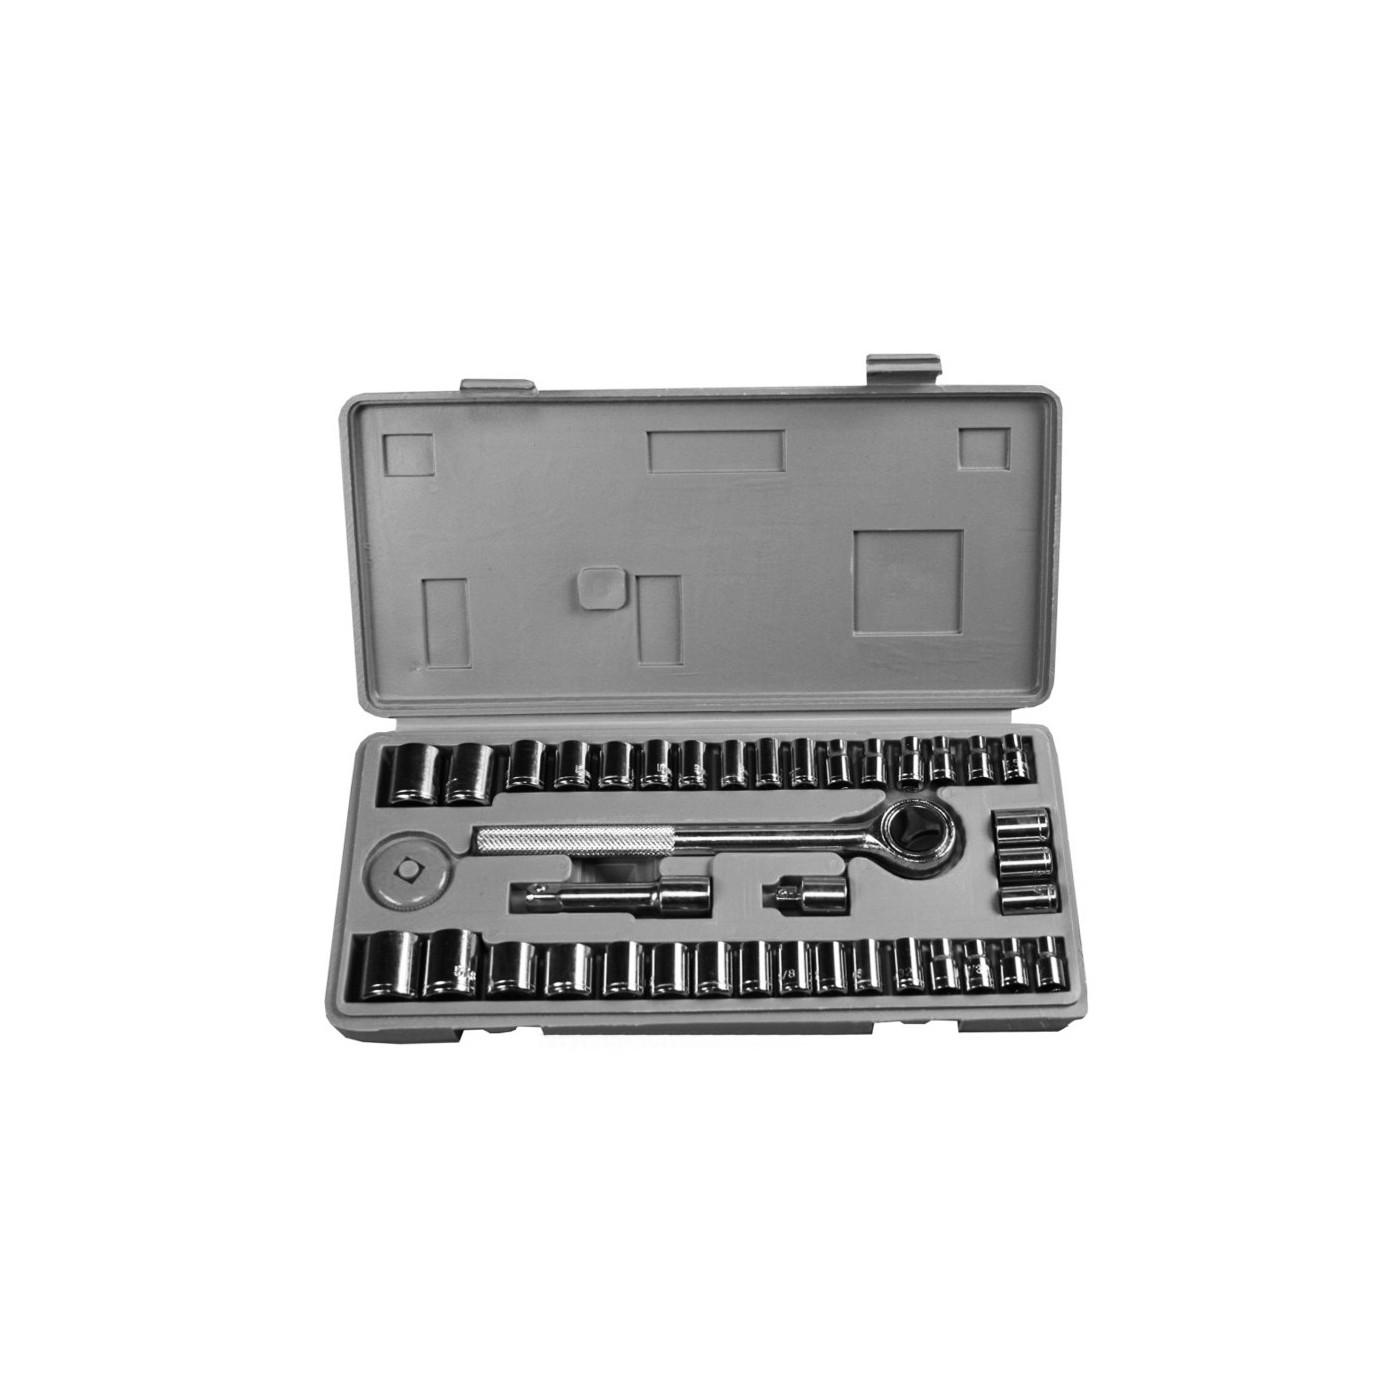 Zestaw kluczy nasadowych w pudełku do przechowywania (40 sztuk)  - 1